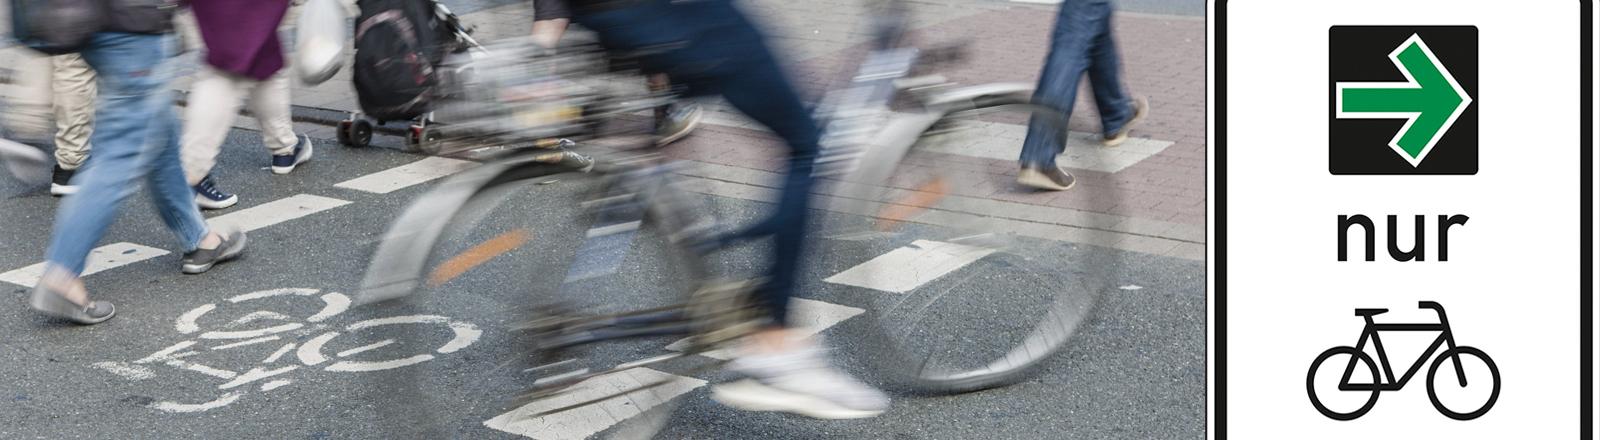 Grünpfeil Schild und Verkehrsteilnehmer